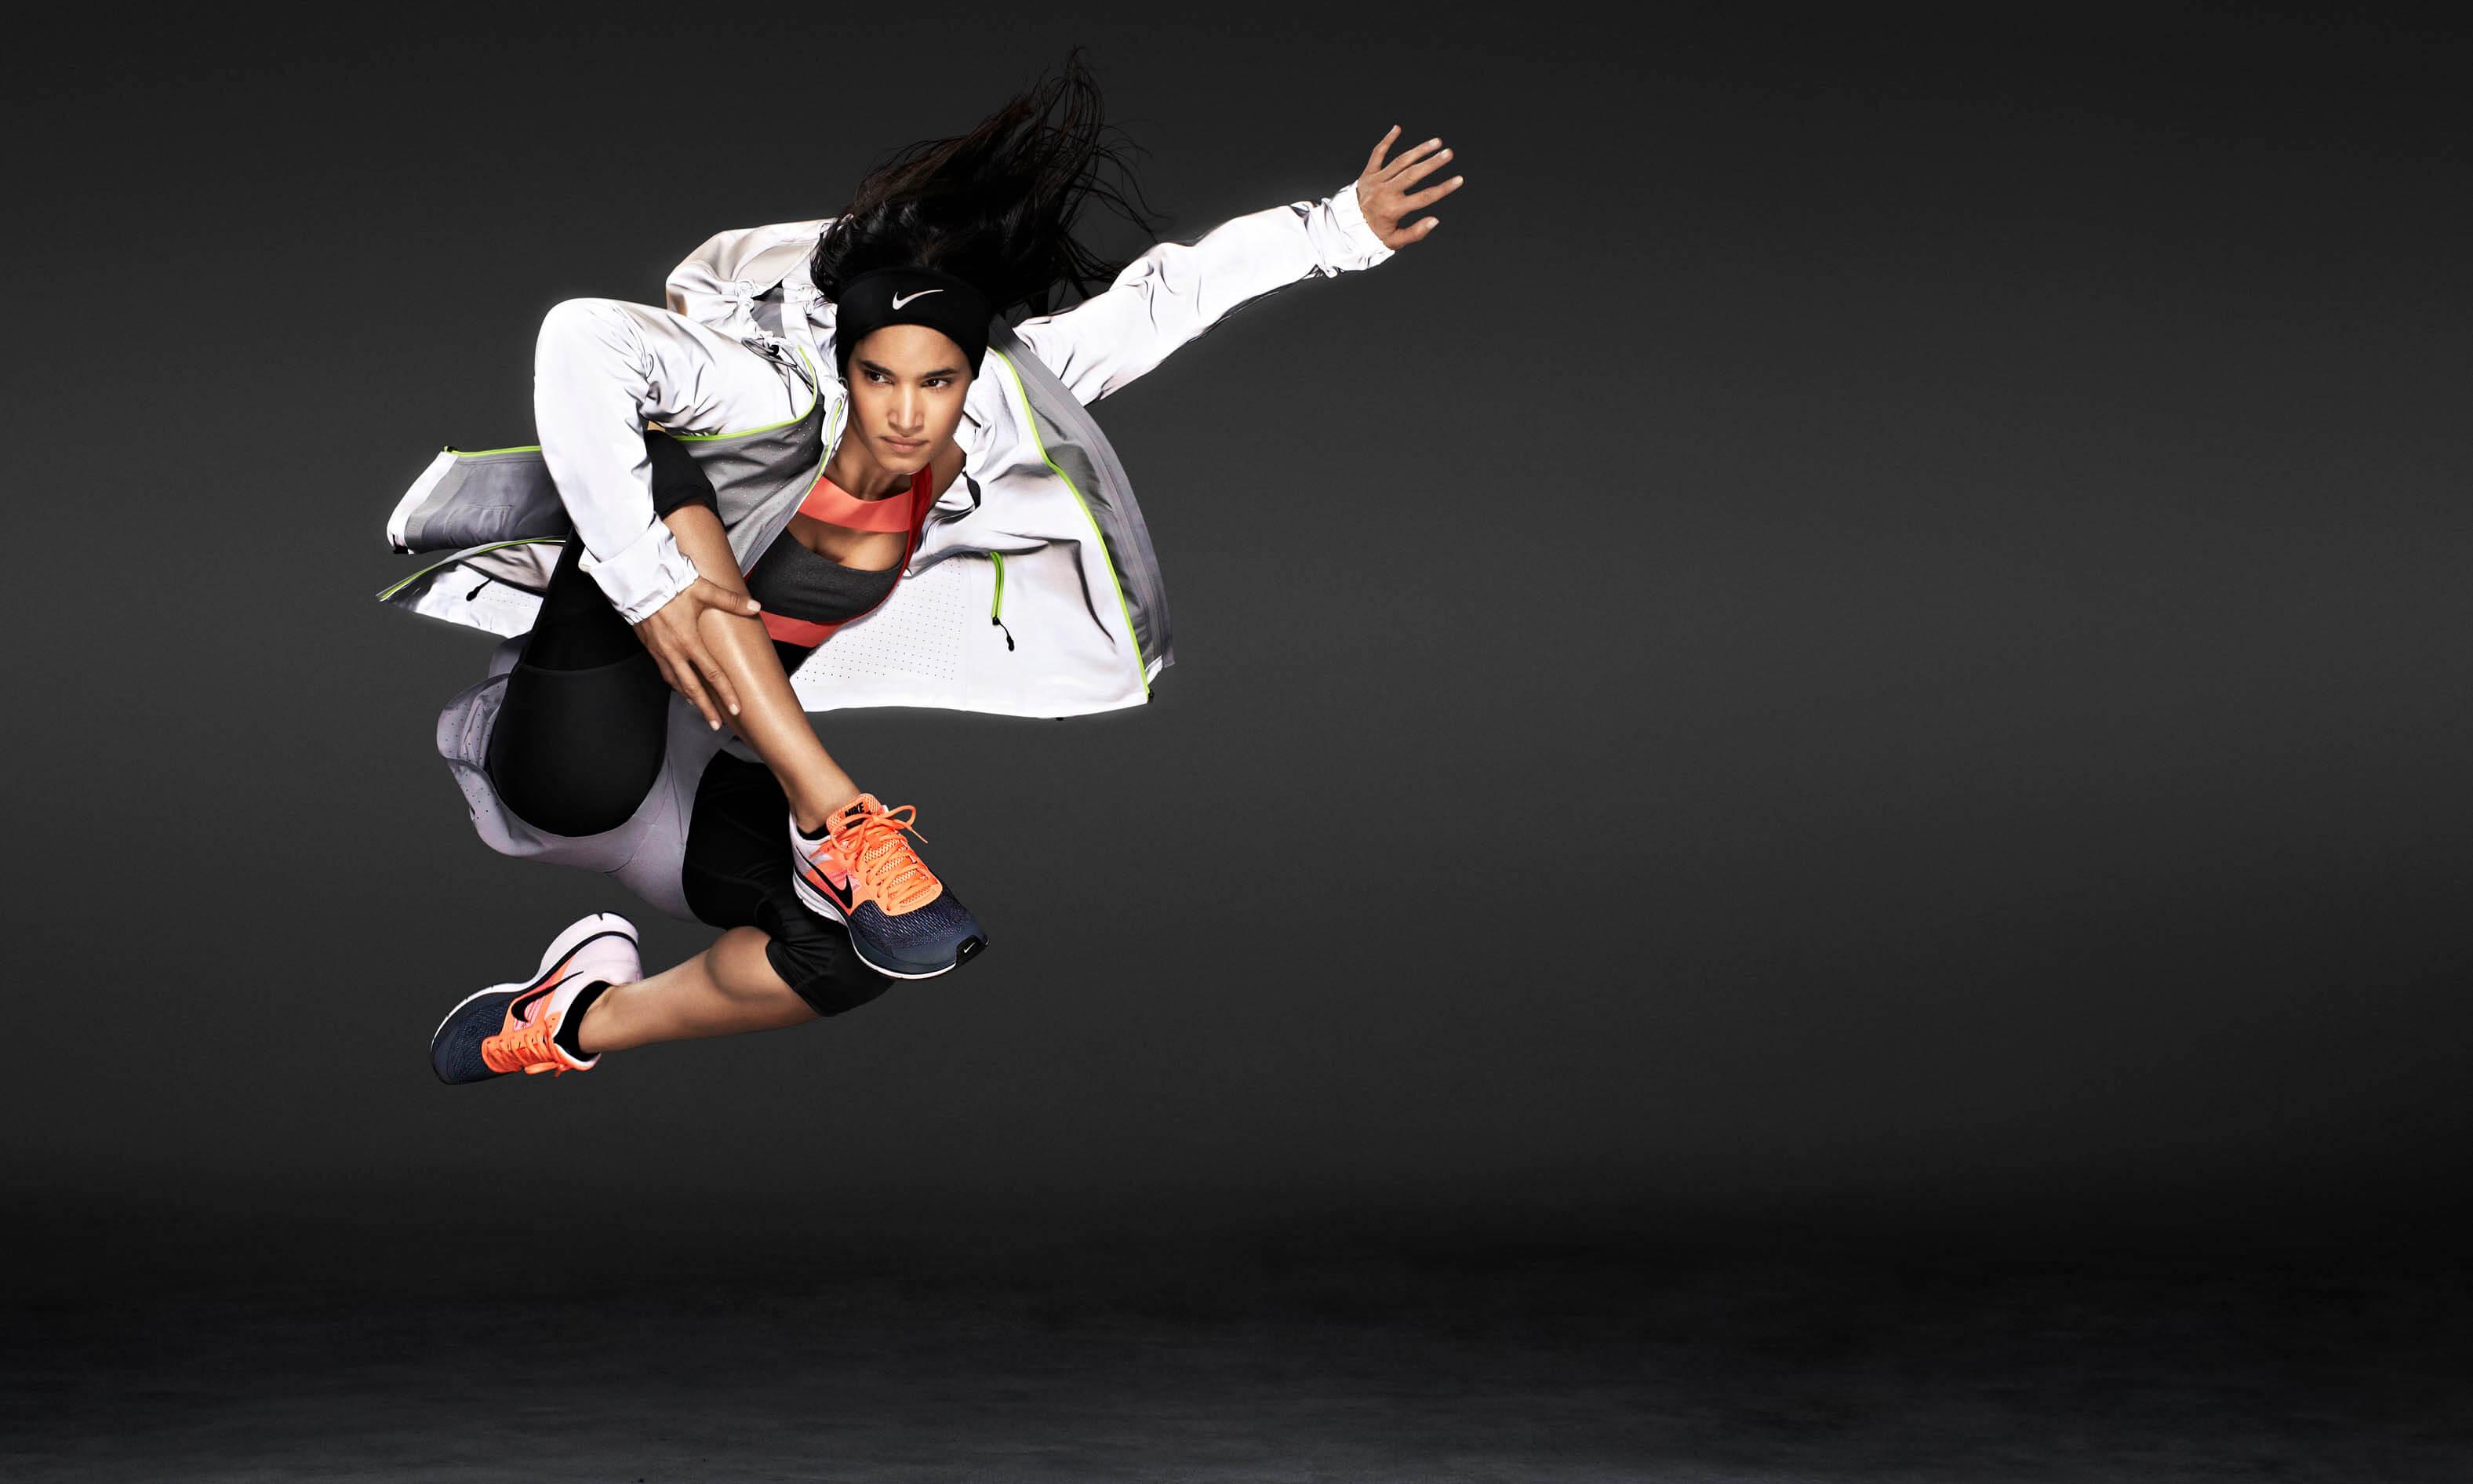 Nike's History of Utilizing Motivational Strategy